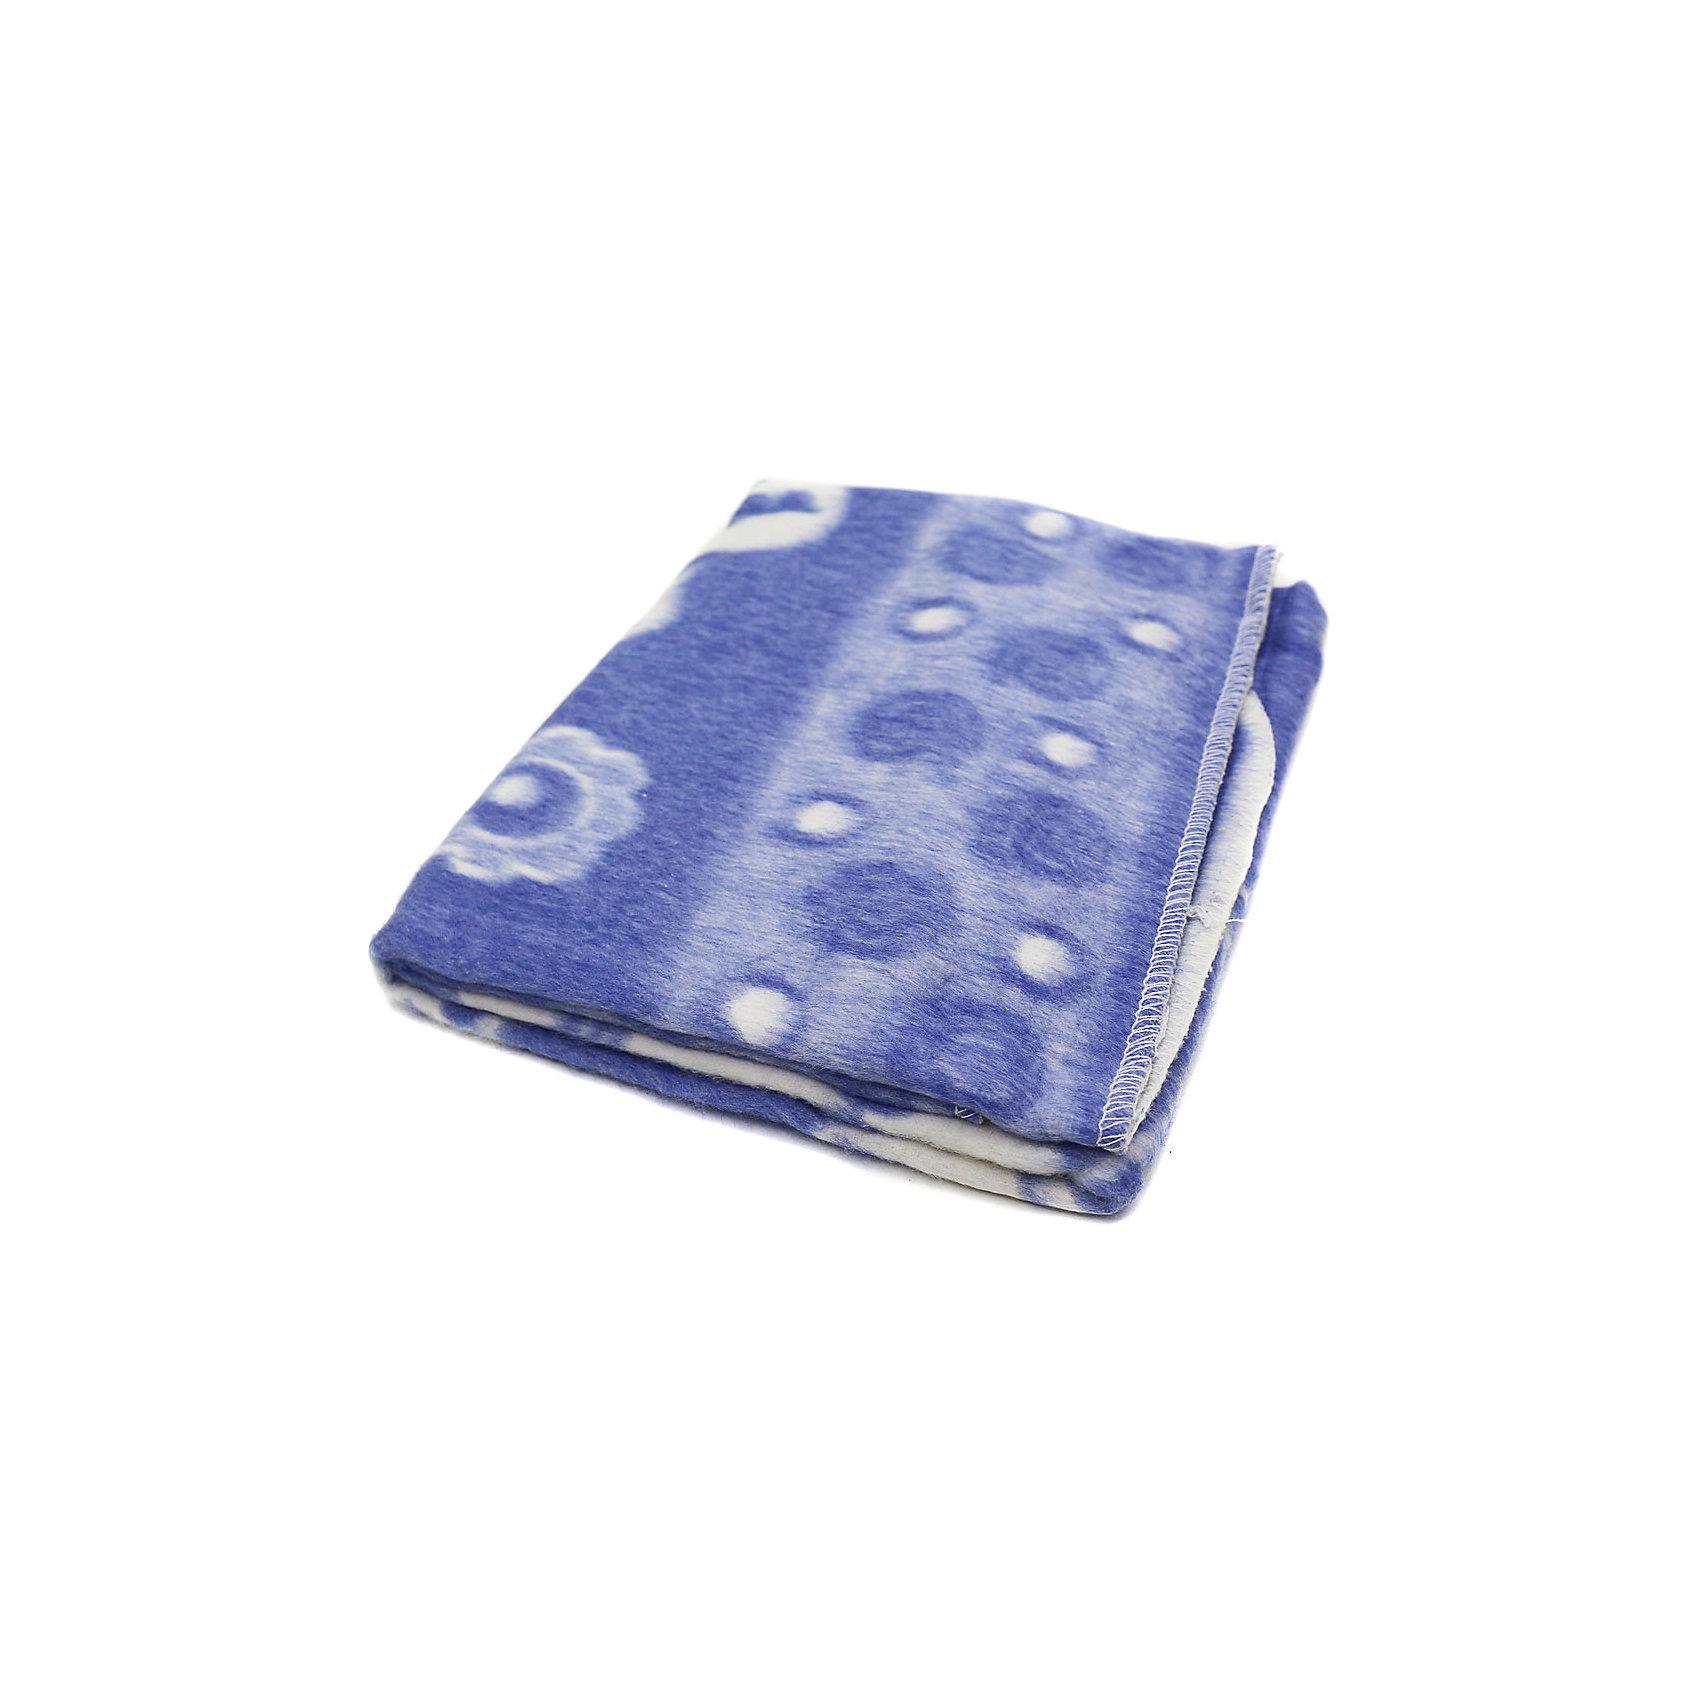 Байковое одеяло 110х118 см. (жаккард), Топотушки, фиолетовыйОдеяла, пледы<br>Байковое одеяло 110х118 см. (жаккард), Топотушки, фиолетовый<br><br>Характеристики:<br><br>-Размер: 100х118 см<br>-Цвет: фиолетовый<br>-Материал: отбеленная и крашеная пряжа, 100% хлопок<br><br>Байковое одеяло 110х118 см. (жаккард), Топотушки, фиолетовый согреет вашего ребёнка в холодное время года. Одеяло выполнено из 100% хлопка, поэтому не вызовет аллергическую реакцию. Весёлые картинки будет радовать вашего ребёнка. Оно большого размера, поэтому его можно использовать и в пеленании ребёнка. Оно мягкое и приятное на ощупь, поэтому сделает сон вашего ребёнка еще комфортнее. <br><br>Байковое одеяло 110х118 см. (жаккард), Топотушки, фиолетовый можно приобрести в нашем интернет-магазине.<br><br>Ширина мм: 370<br>Глубина мм: 360<br>Высота мм: 30<br>Вес г: 580<br>Возраст от месяцев: 0<br>Возраст до месяцев: 36<br>Пол: Женский<br>Возраст: Детский<br>SKU: 5086334